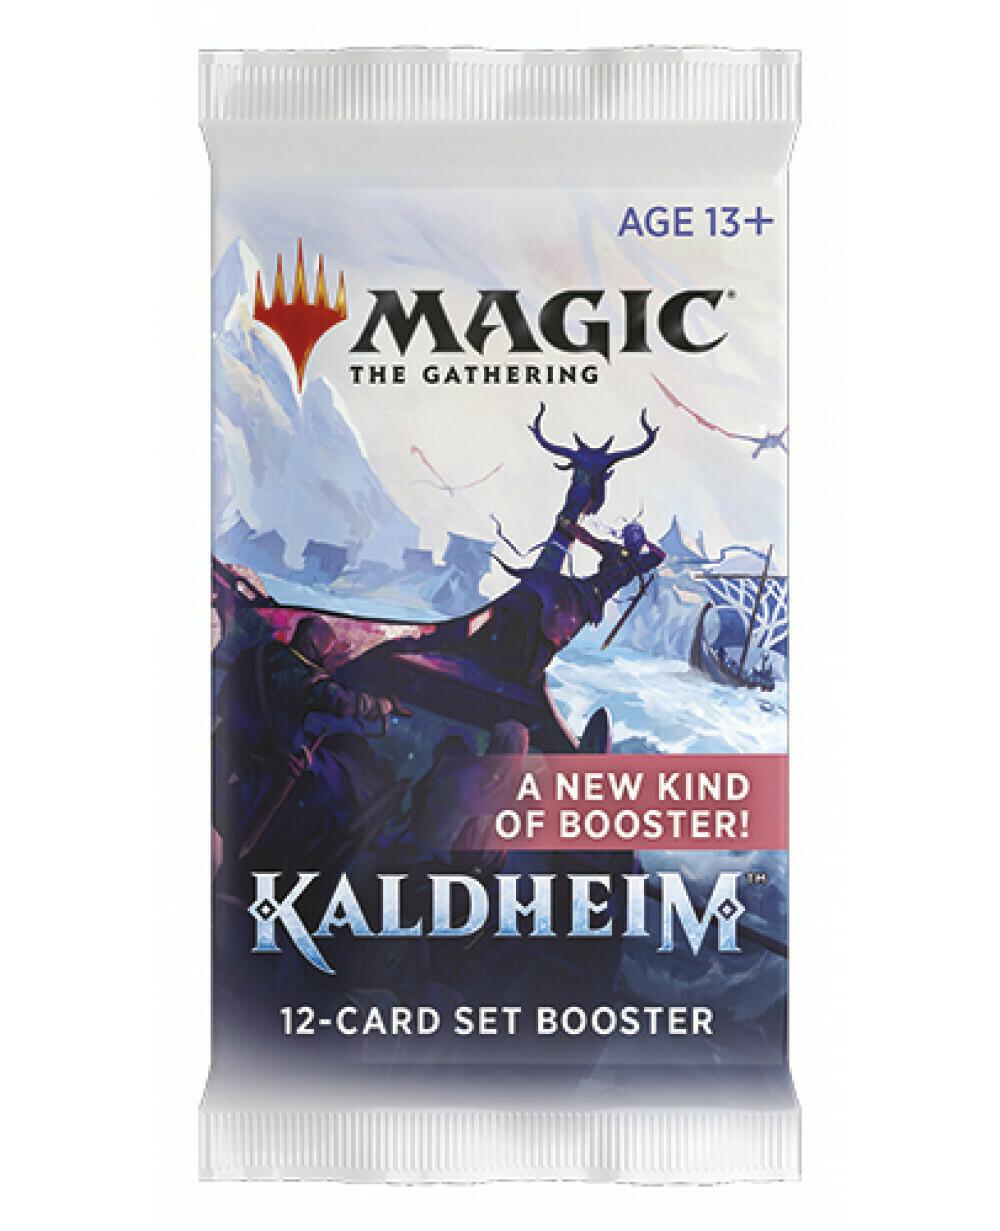 Kaldheim Set Booster ENG - Magic: the Gathering